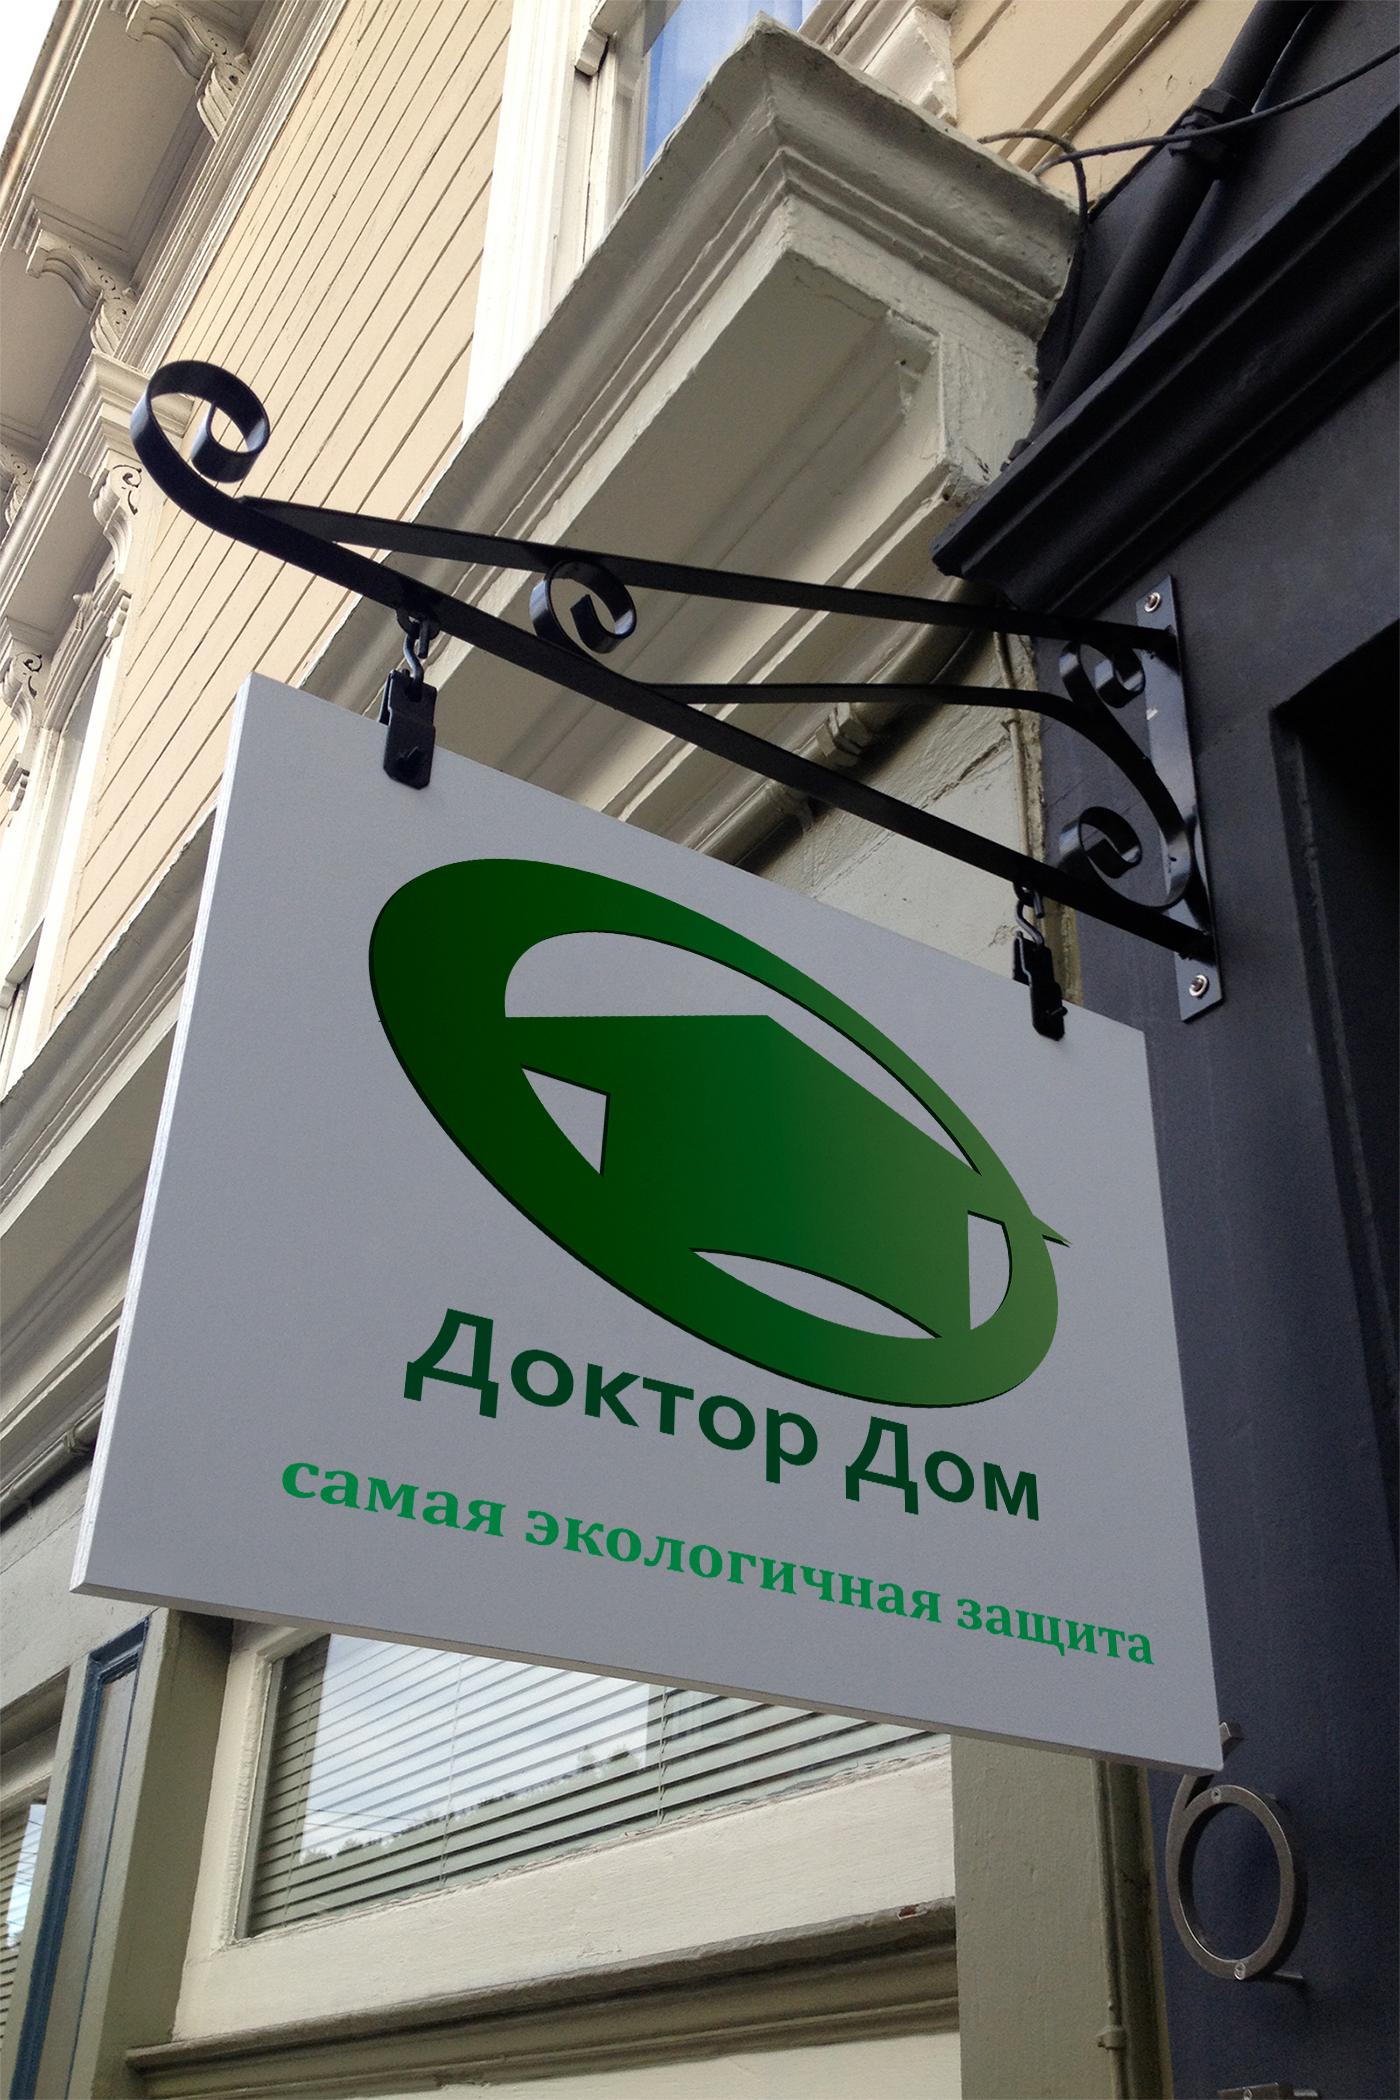 Разработать логотип для сети магазинов бытовой химии и товаров для уборки фото f_5076001dec1e4be4.jpg